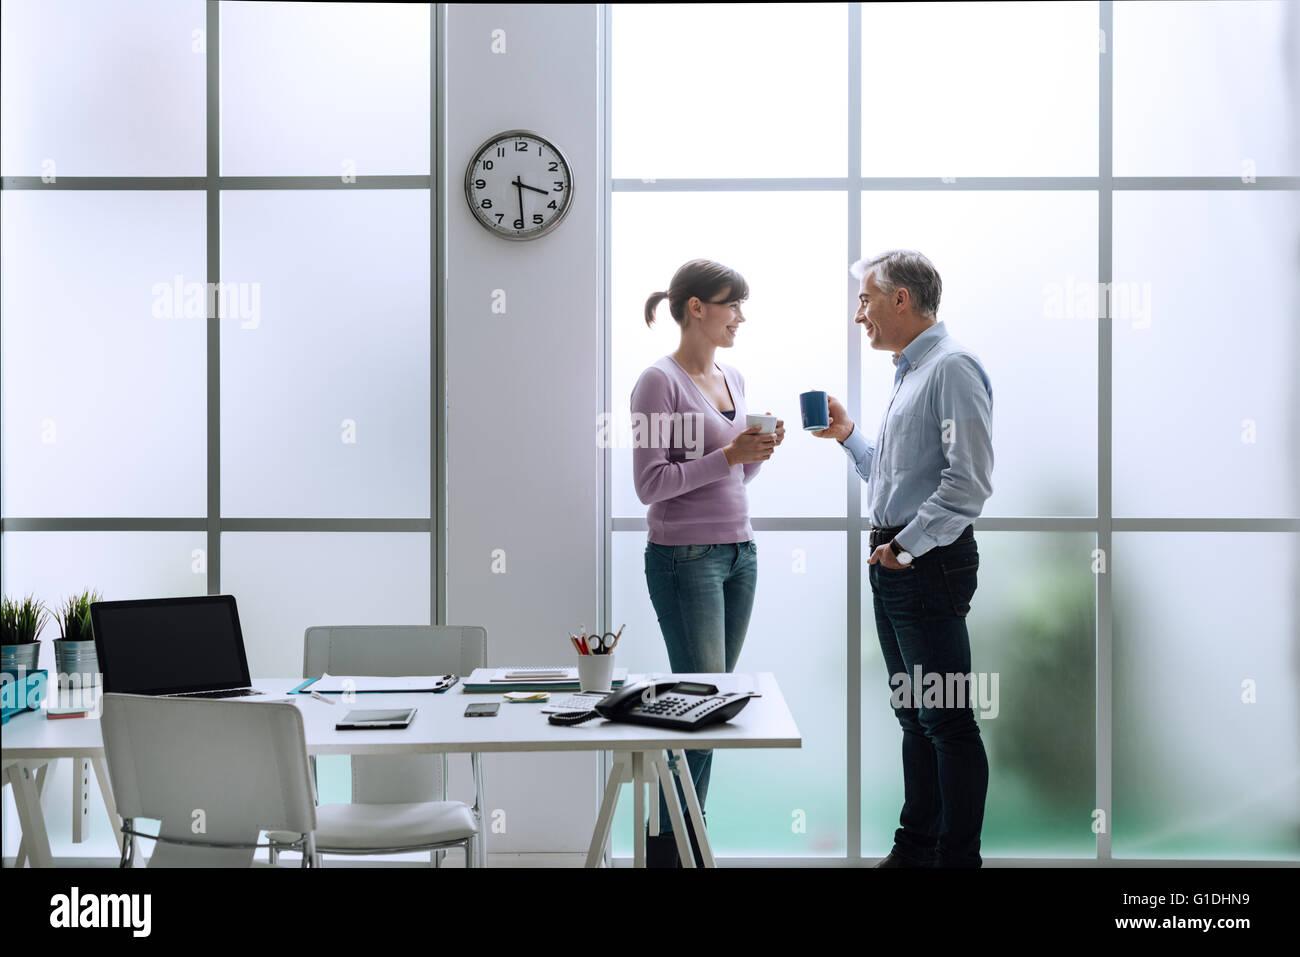 Fröhliche Büroangestellte im Büro, entspannen, mit einer Kaffeepause und Chat zusammen, sie stehen Stockbild